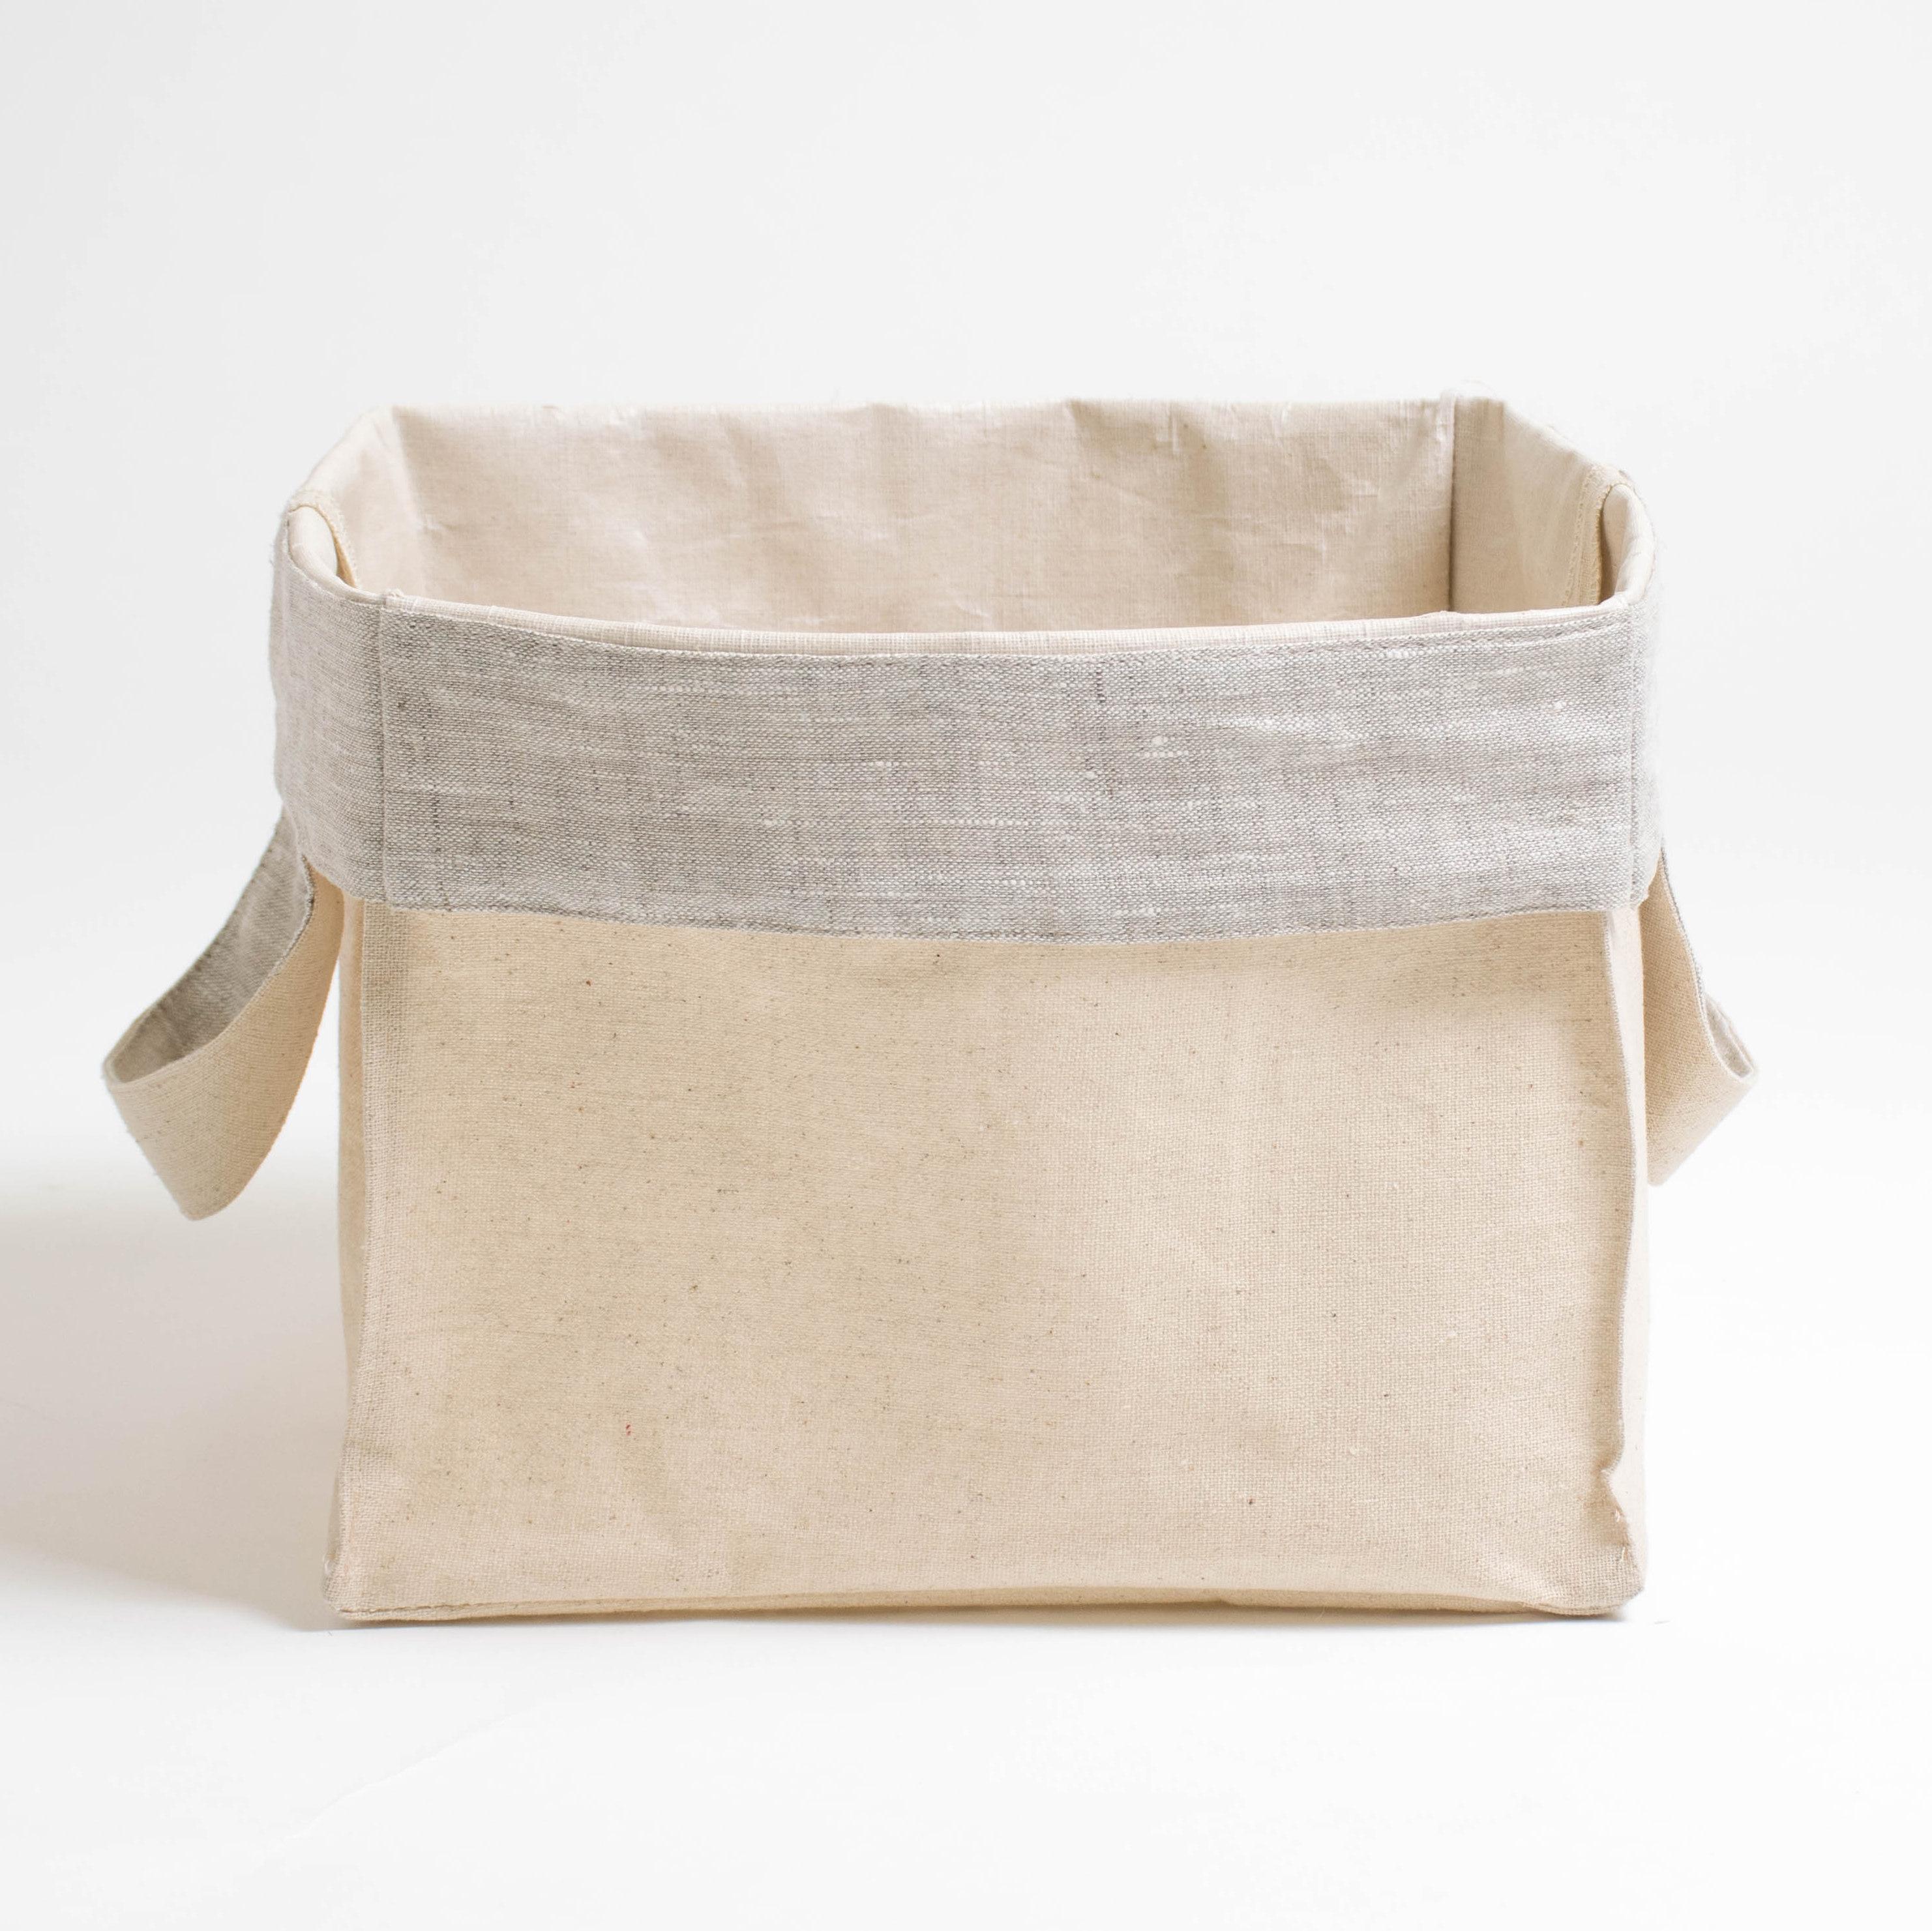 Короб с ручками ПровансАксессуары для кухни<br>Короб «Прованс» квадратный, с серым отворотом<br><br>Квадратный короб изо льна с внутренней ламинацией, безопасной для здоровья, это обязательный предмет для каждого дома!<br><br>Внешняя сторона короба из хлопкольна, внутренняя часть заламинирована. Благодаря этому, короб можно использовать в кухне, спальне и даже ванной комнате! Для того, чтобы фрукты и овощи не теряли свой аромат, их не следует убирать в холодильник. Сложите, например, яблоки в корзинку и поставьте на обеденный стол. Можете даже предварительно их вымыть, для того чтобы домочадцы кушали «живые витамины» прямо из корзинки.<br><br>Наши ламинированные корзинки не боятся влаги! Поэтому они пригодятся Вам и в ванной комнате. В них можно убрать косметику, мочалки и детские игрушки, с которыми малыш играет во время приёма ванной. Квадратные короба «Прованс» являются хорошими помощниками и для наведения порядка в шкафах — в них можно сложить носочки, детские игрушки, нитки для вязание и многое другое.<br><br>Короба «Прованс» этот товар, который можно приобретать впрок, поскольку они складываются в плоский квадрат и практически не занимают места при хранении в шкафах!&amp;amp;nbsp;<br><br>Material: Хлопок<br>Width см: 27<br>Depth см: 27<br>Height см: 27